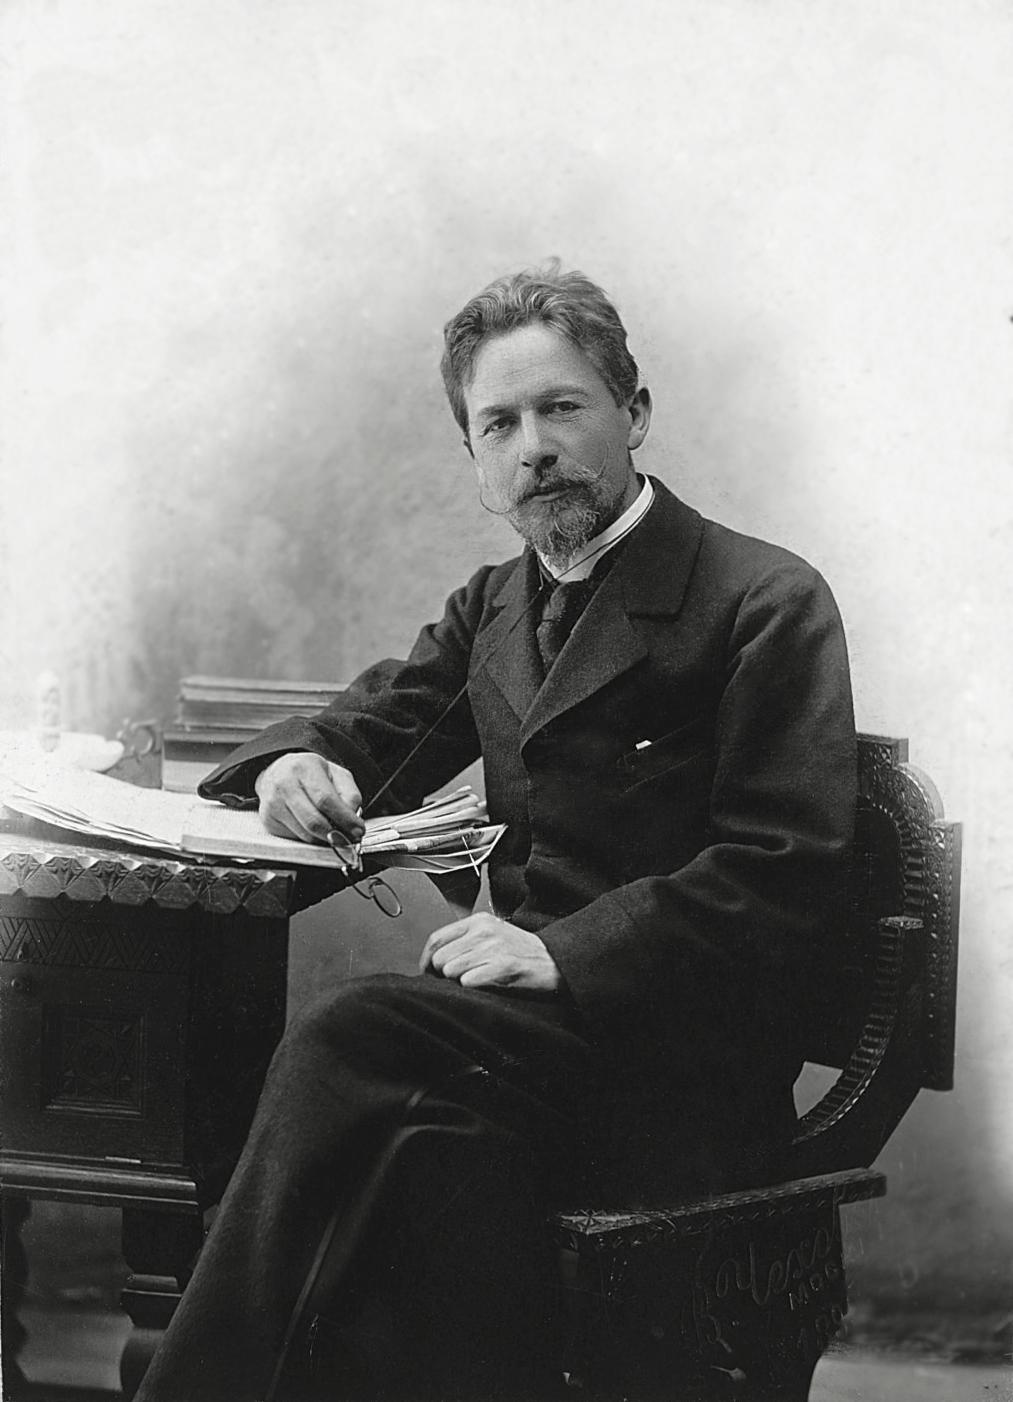 anton-chekhov-1889-anton-pavlovich-chekhov2